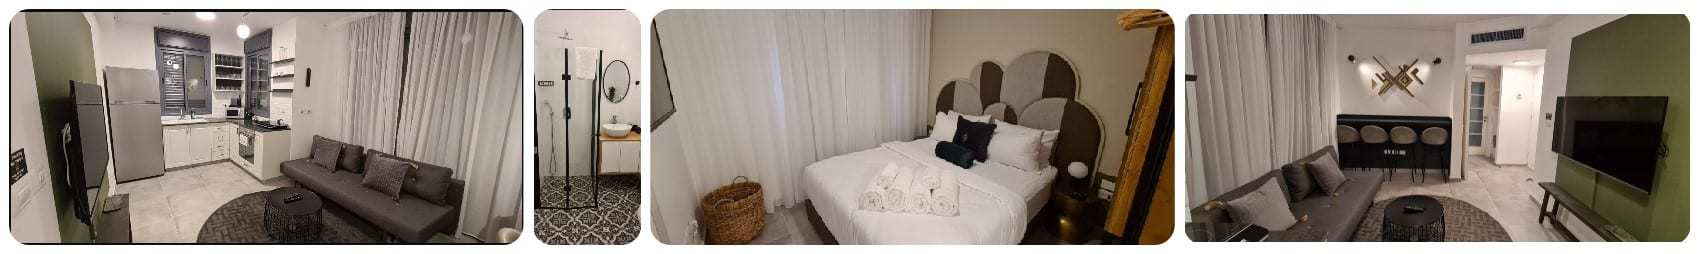 הדירה בירושלים